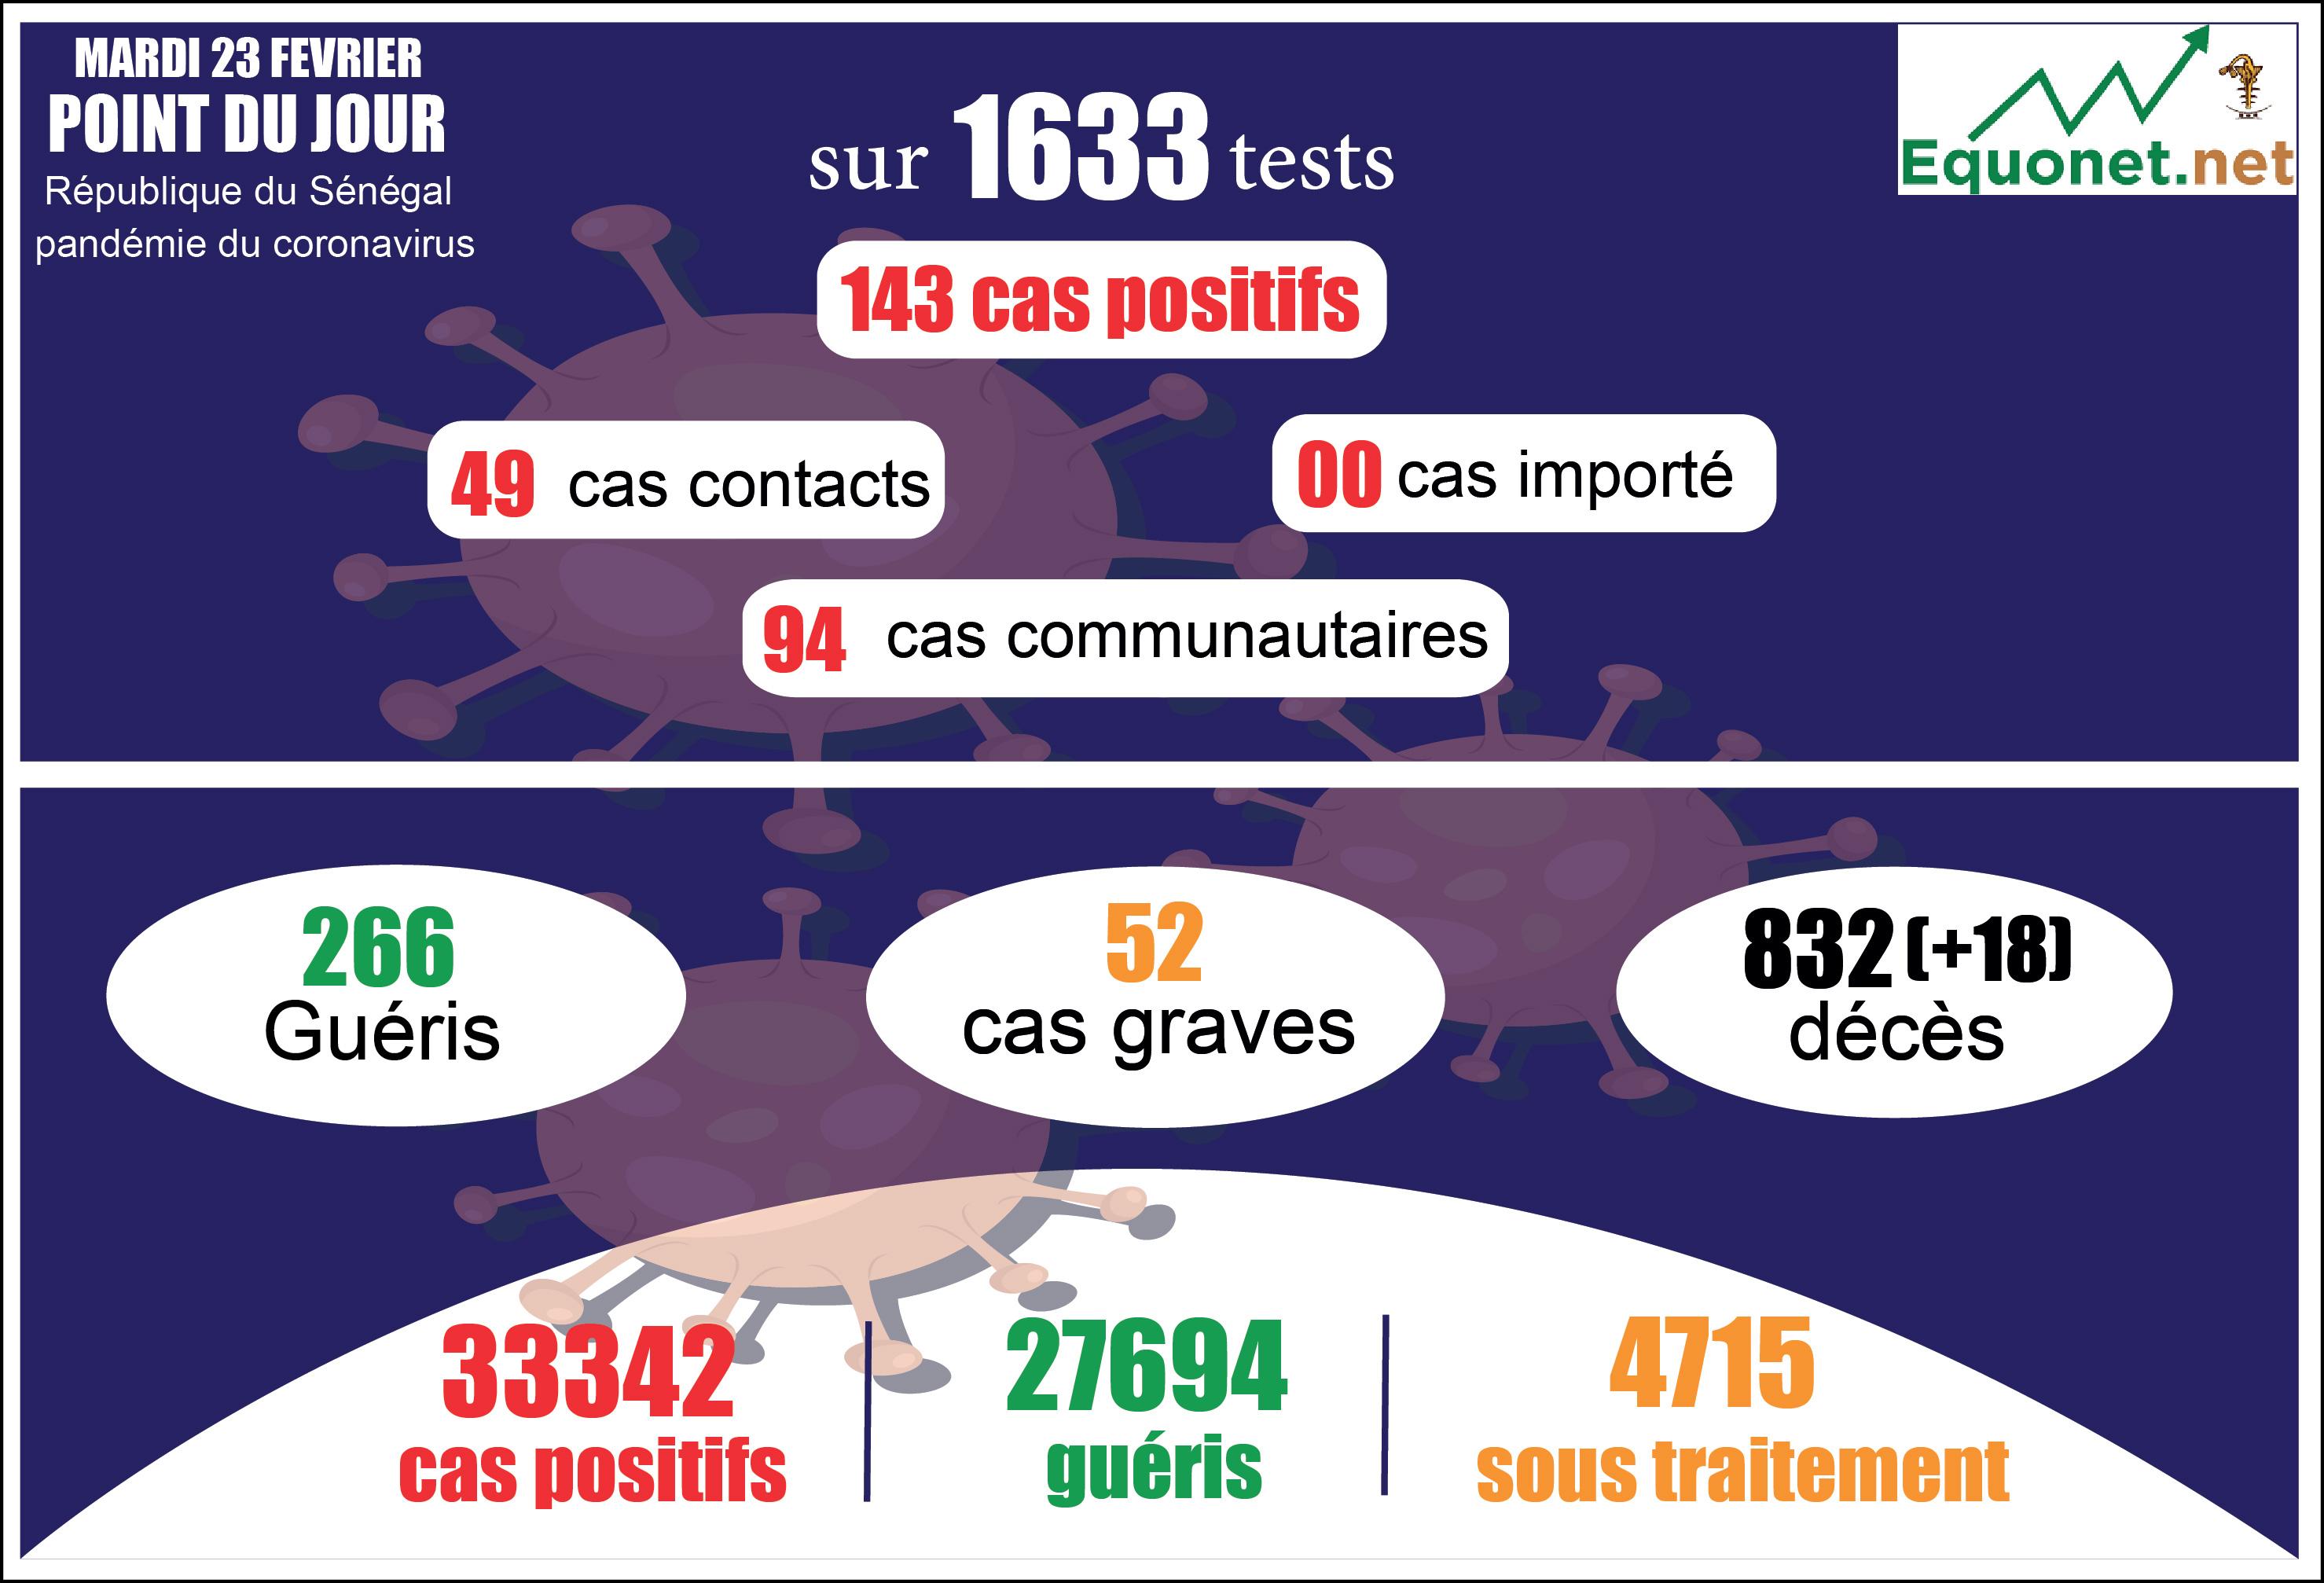 pandémie du coronavirus-covid-19 au sénégal : 94 cas communautaires et 18 décès enregistrés ce mardi 23 février 2021